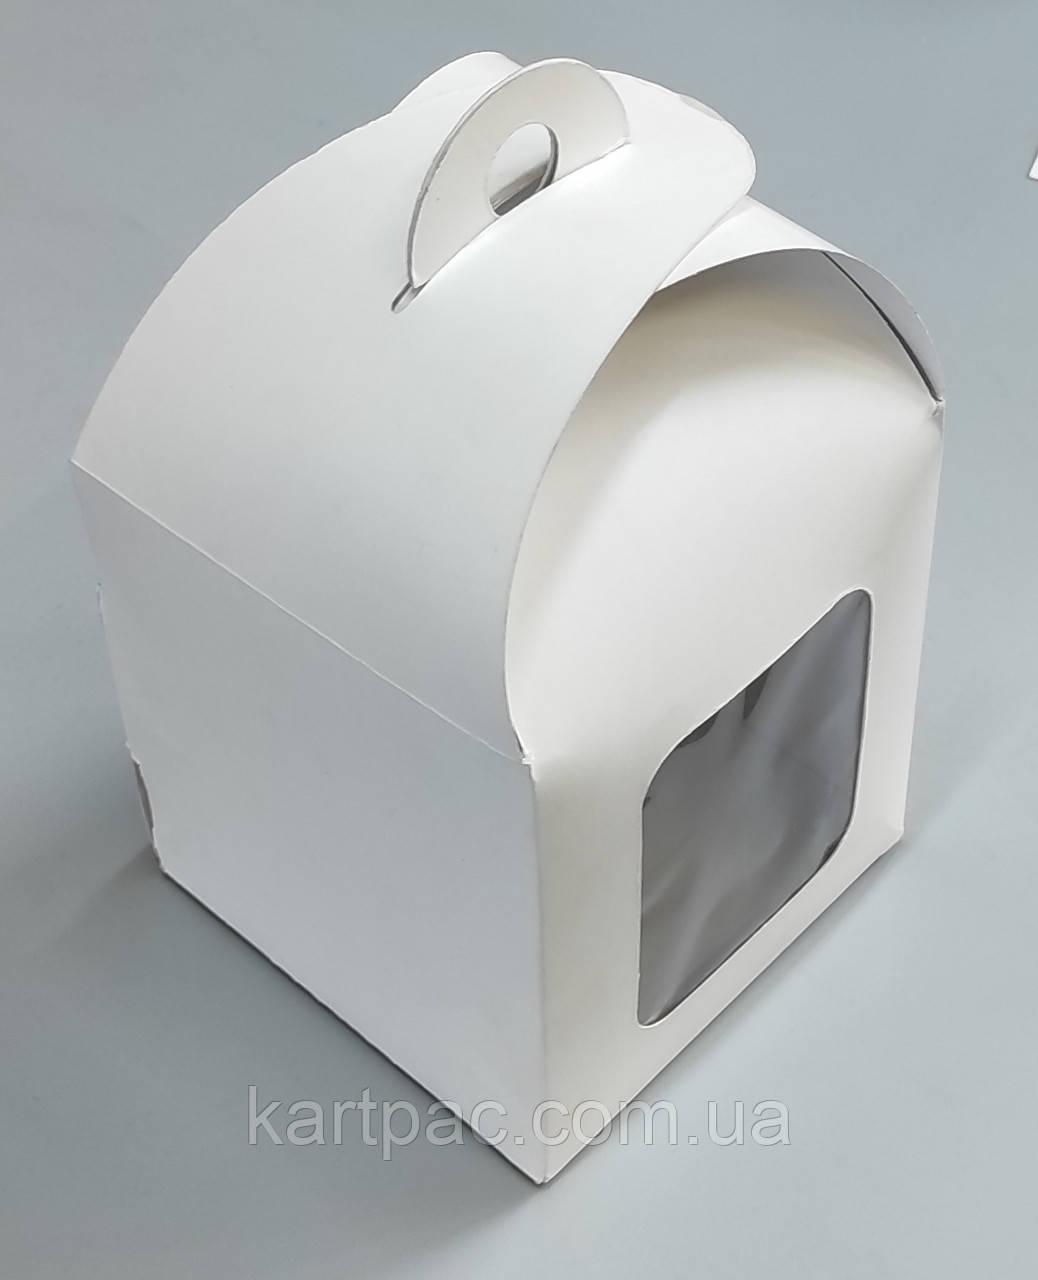 Упаковка пасхальная  120*120*150